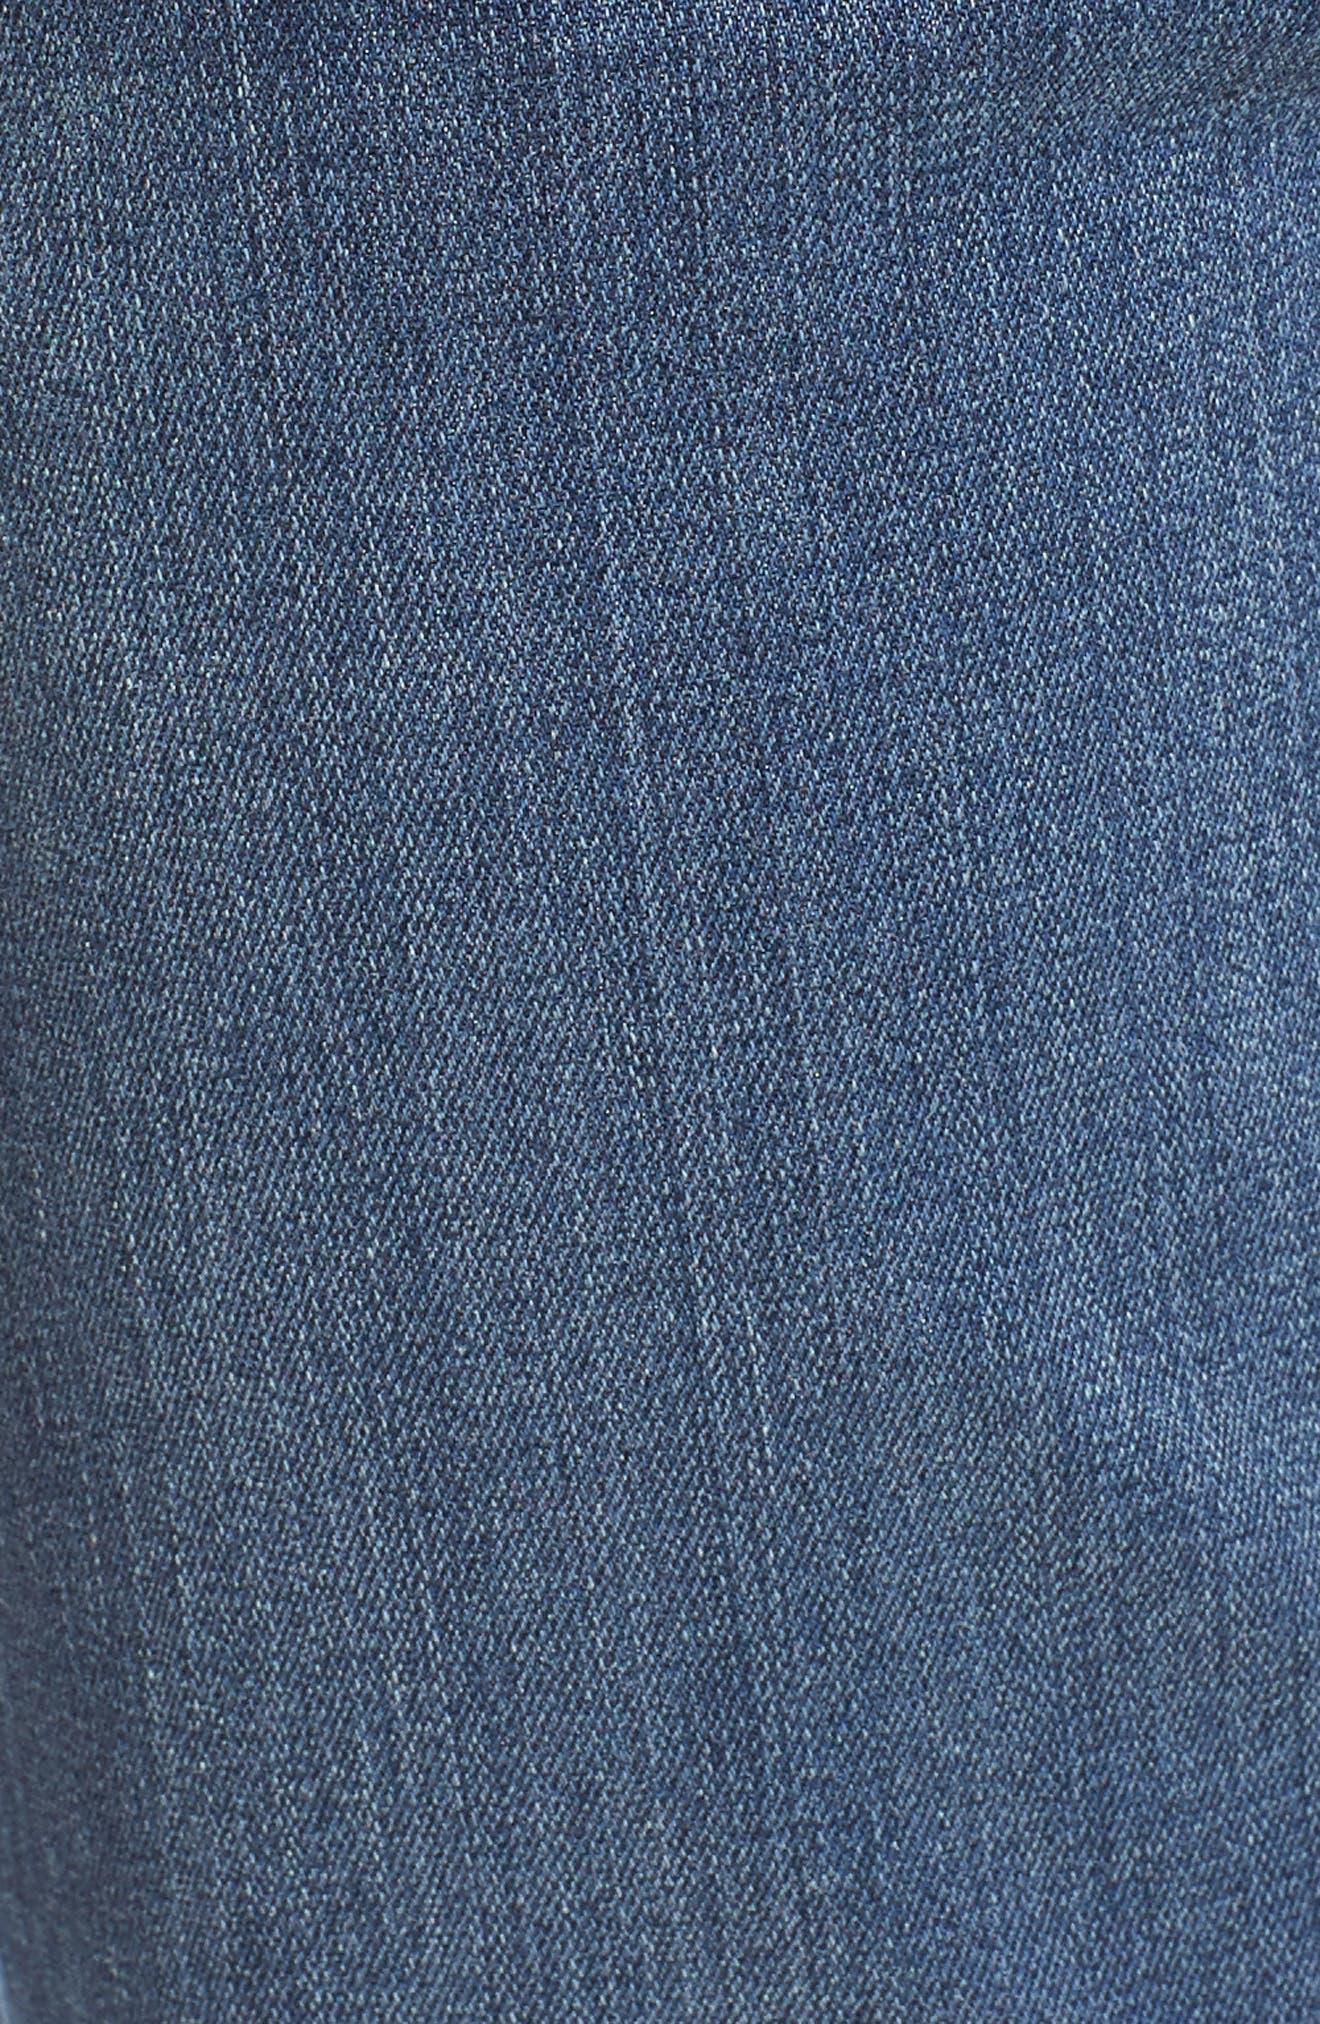 Transcend - Lennox Straight Leg Jeans,                             Alternate thumbnail 5, color,                             400